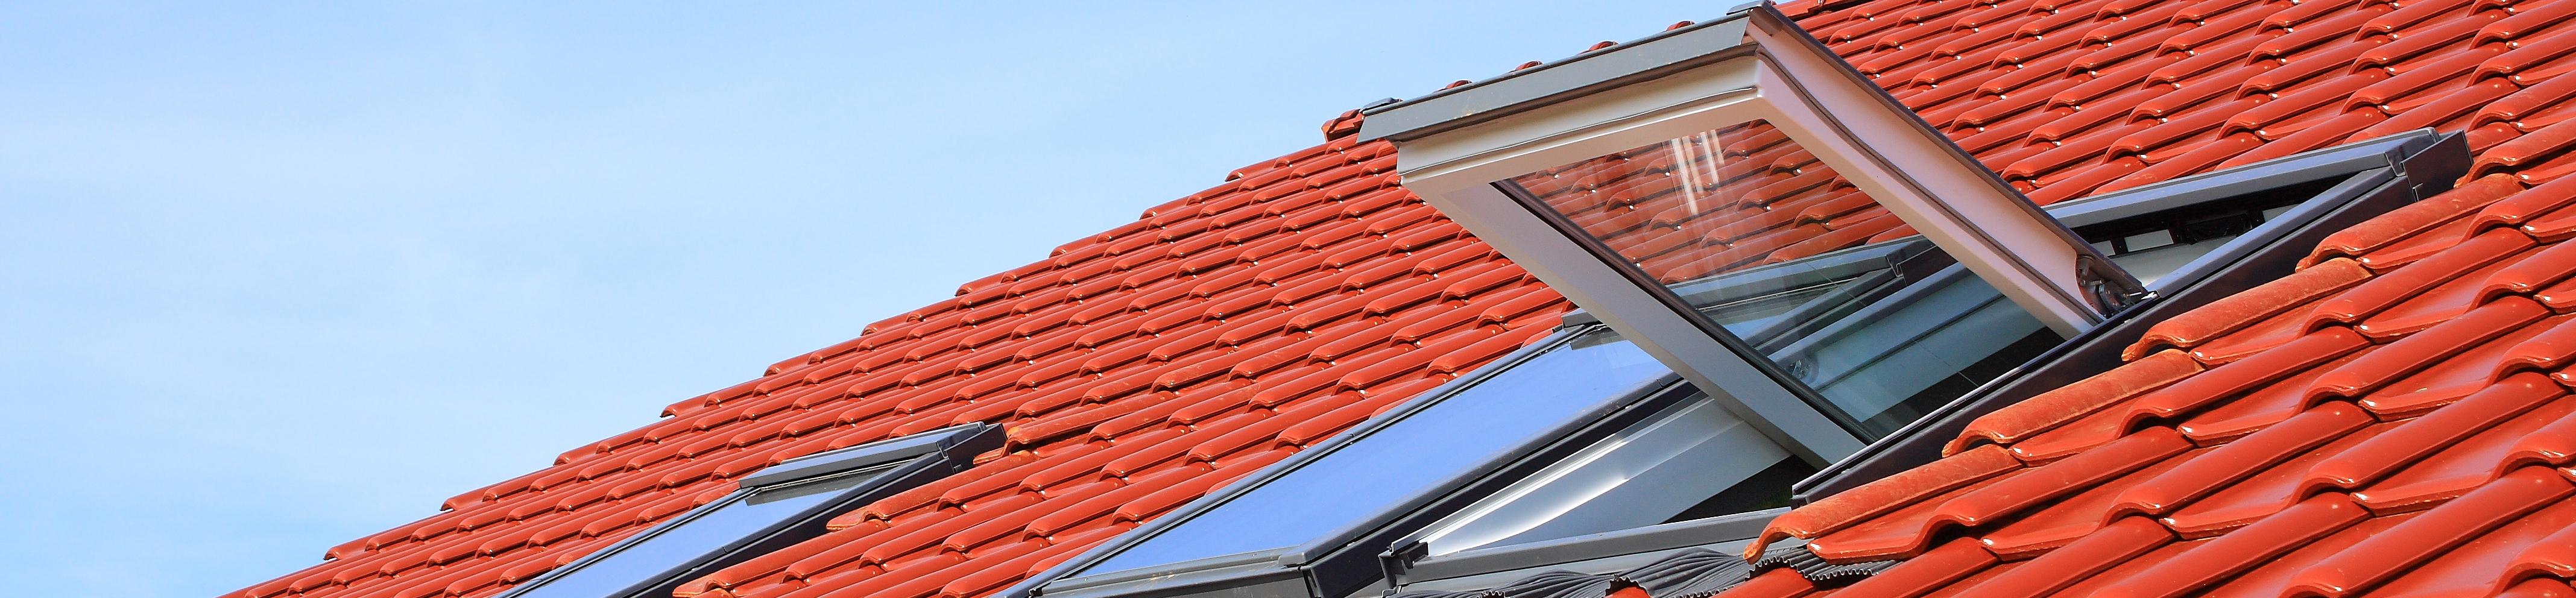 Finestre per tetti rossi casa srl verbania for Faelux srl finestra per tetti